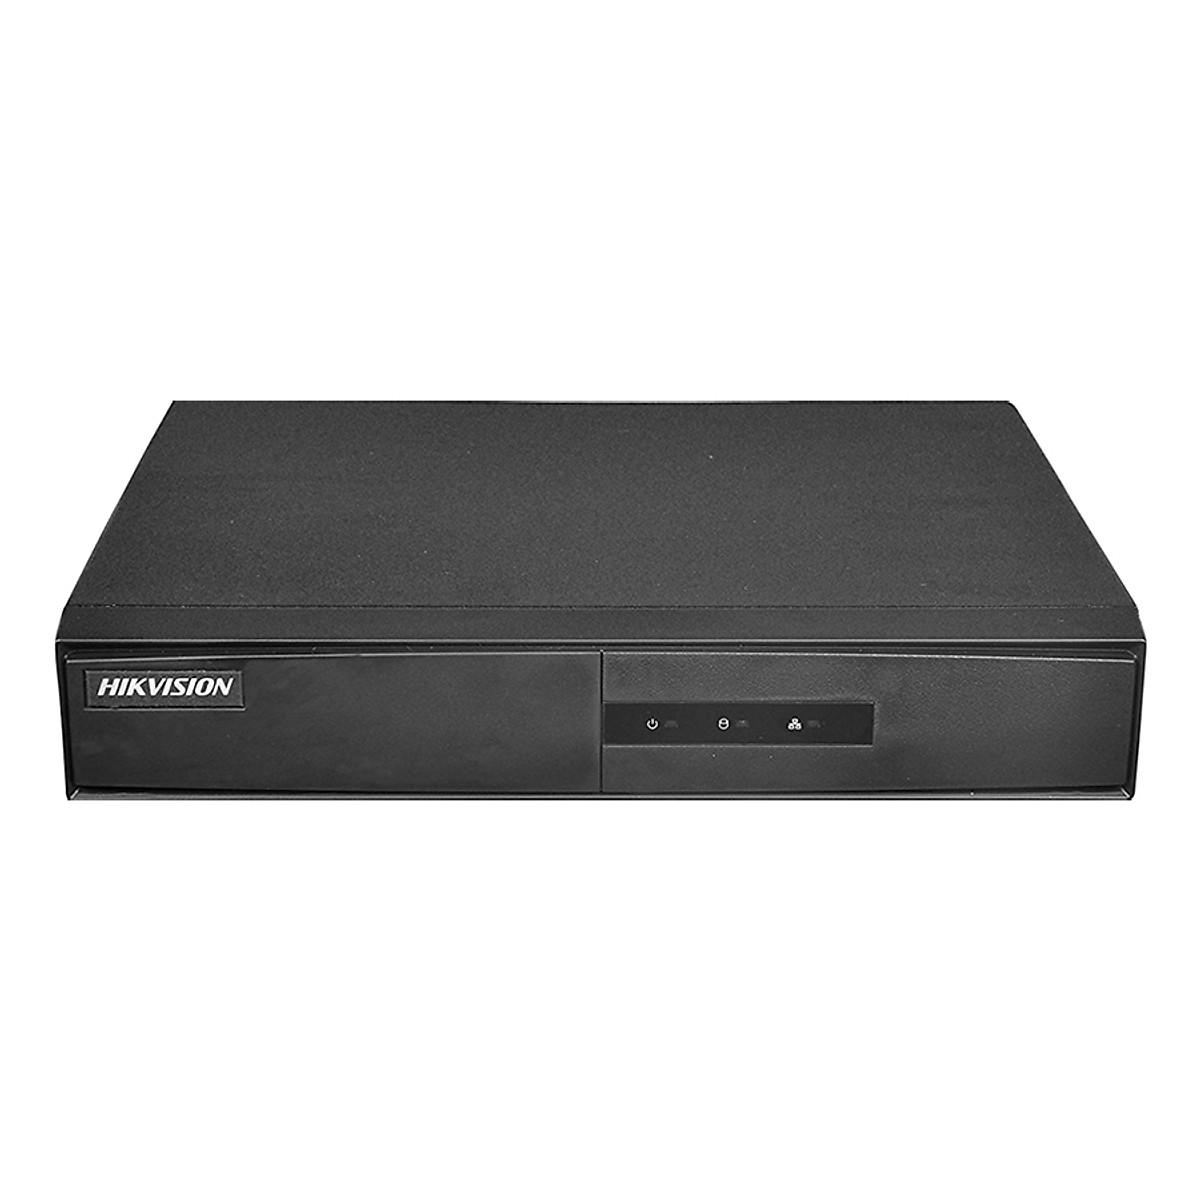 Đầu Ghi Hình HD-TVI 16 Kênh Turbo HD 3.0 Hikvision DVR DS-7216HGHI-F1/N – Hàng Nhập Khẩu